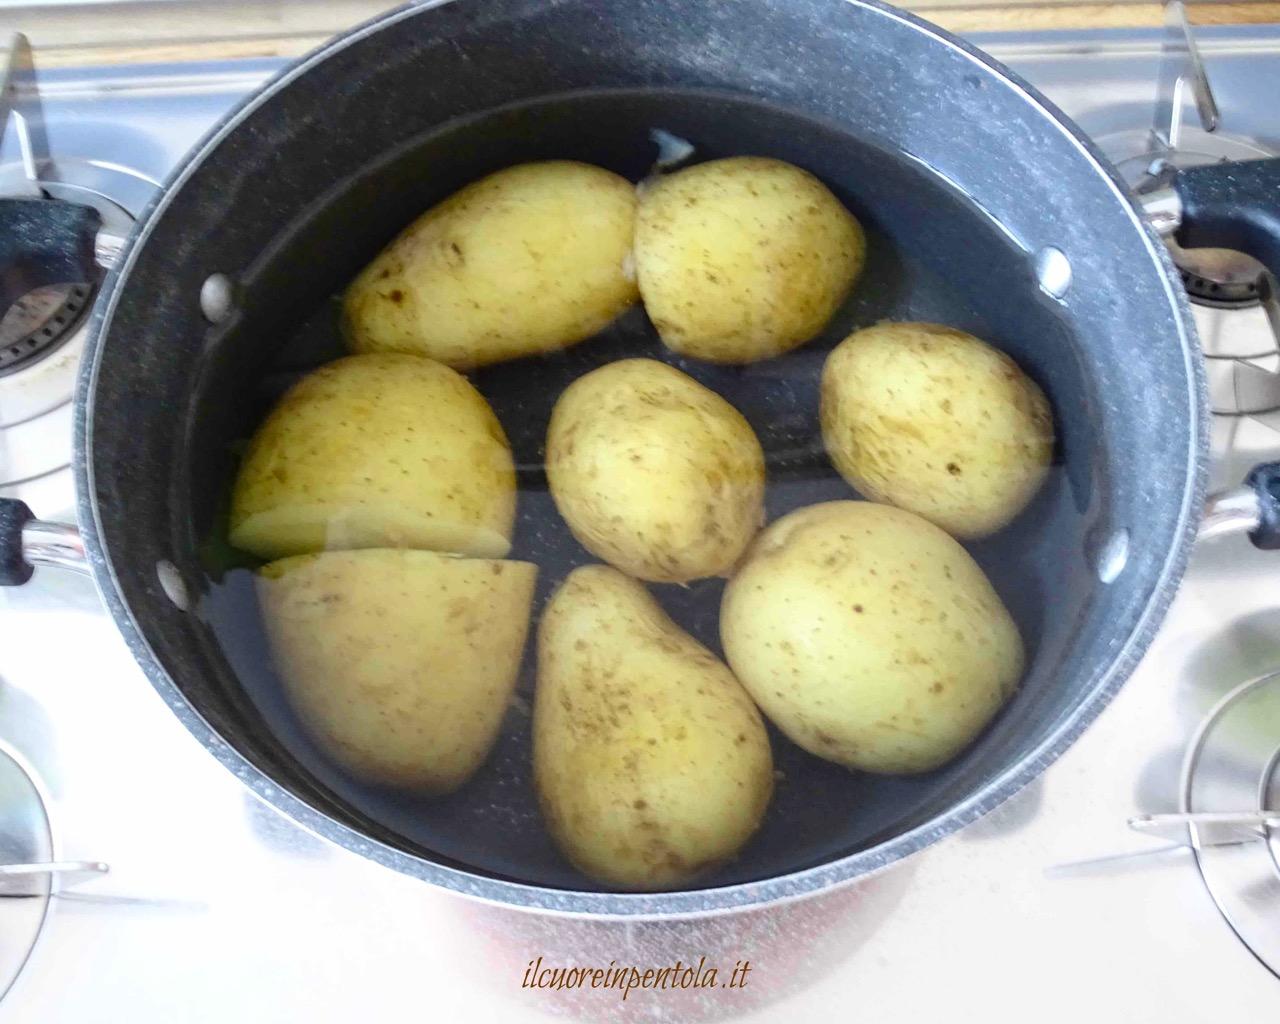 Insalata di patate – Ricette di insalate Il Cuore in Pentola